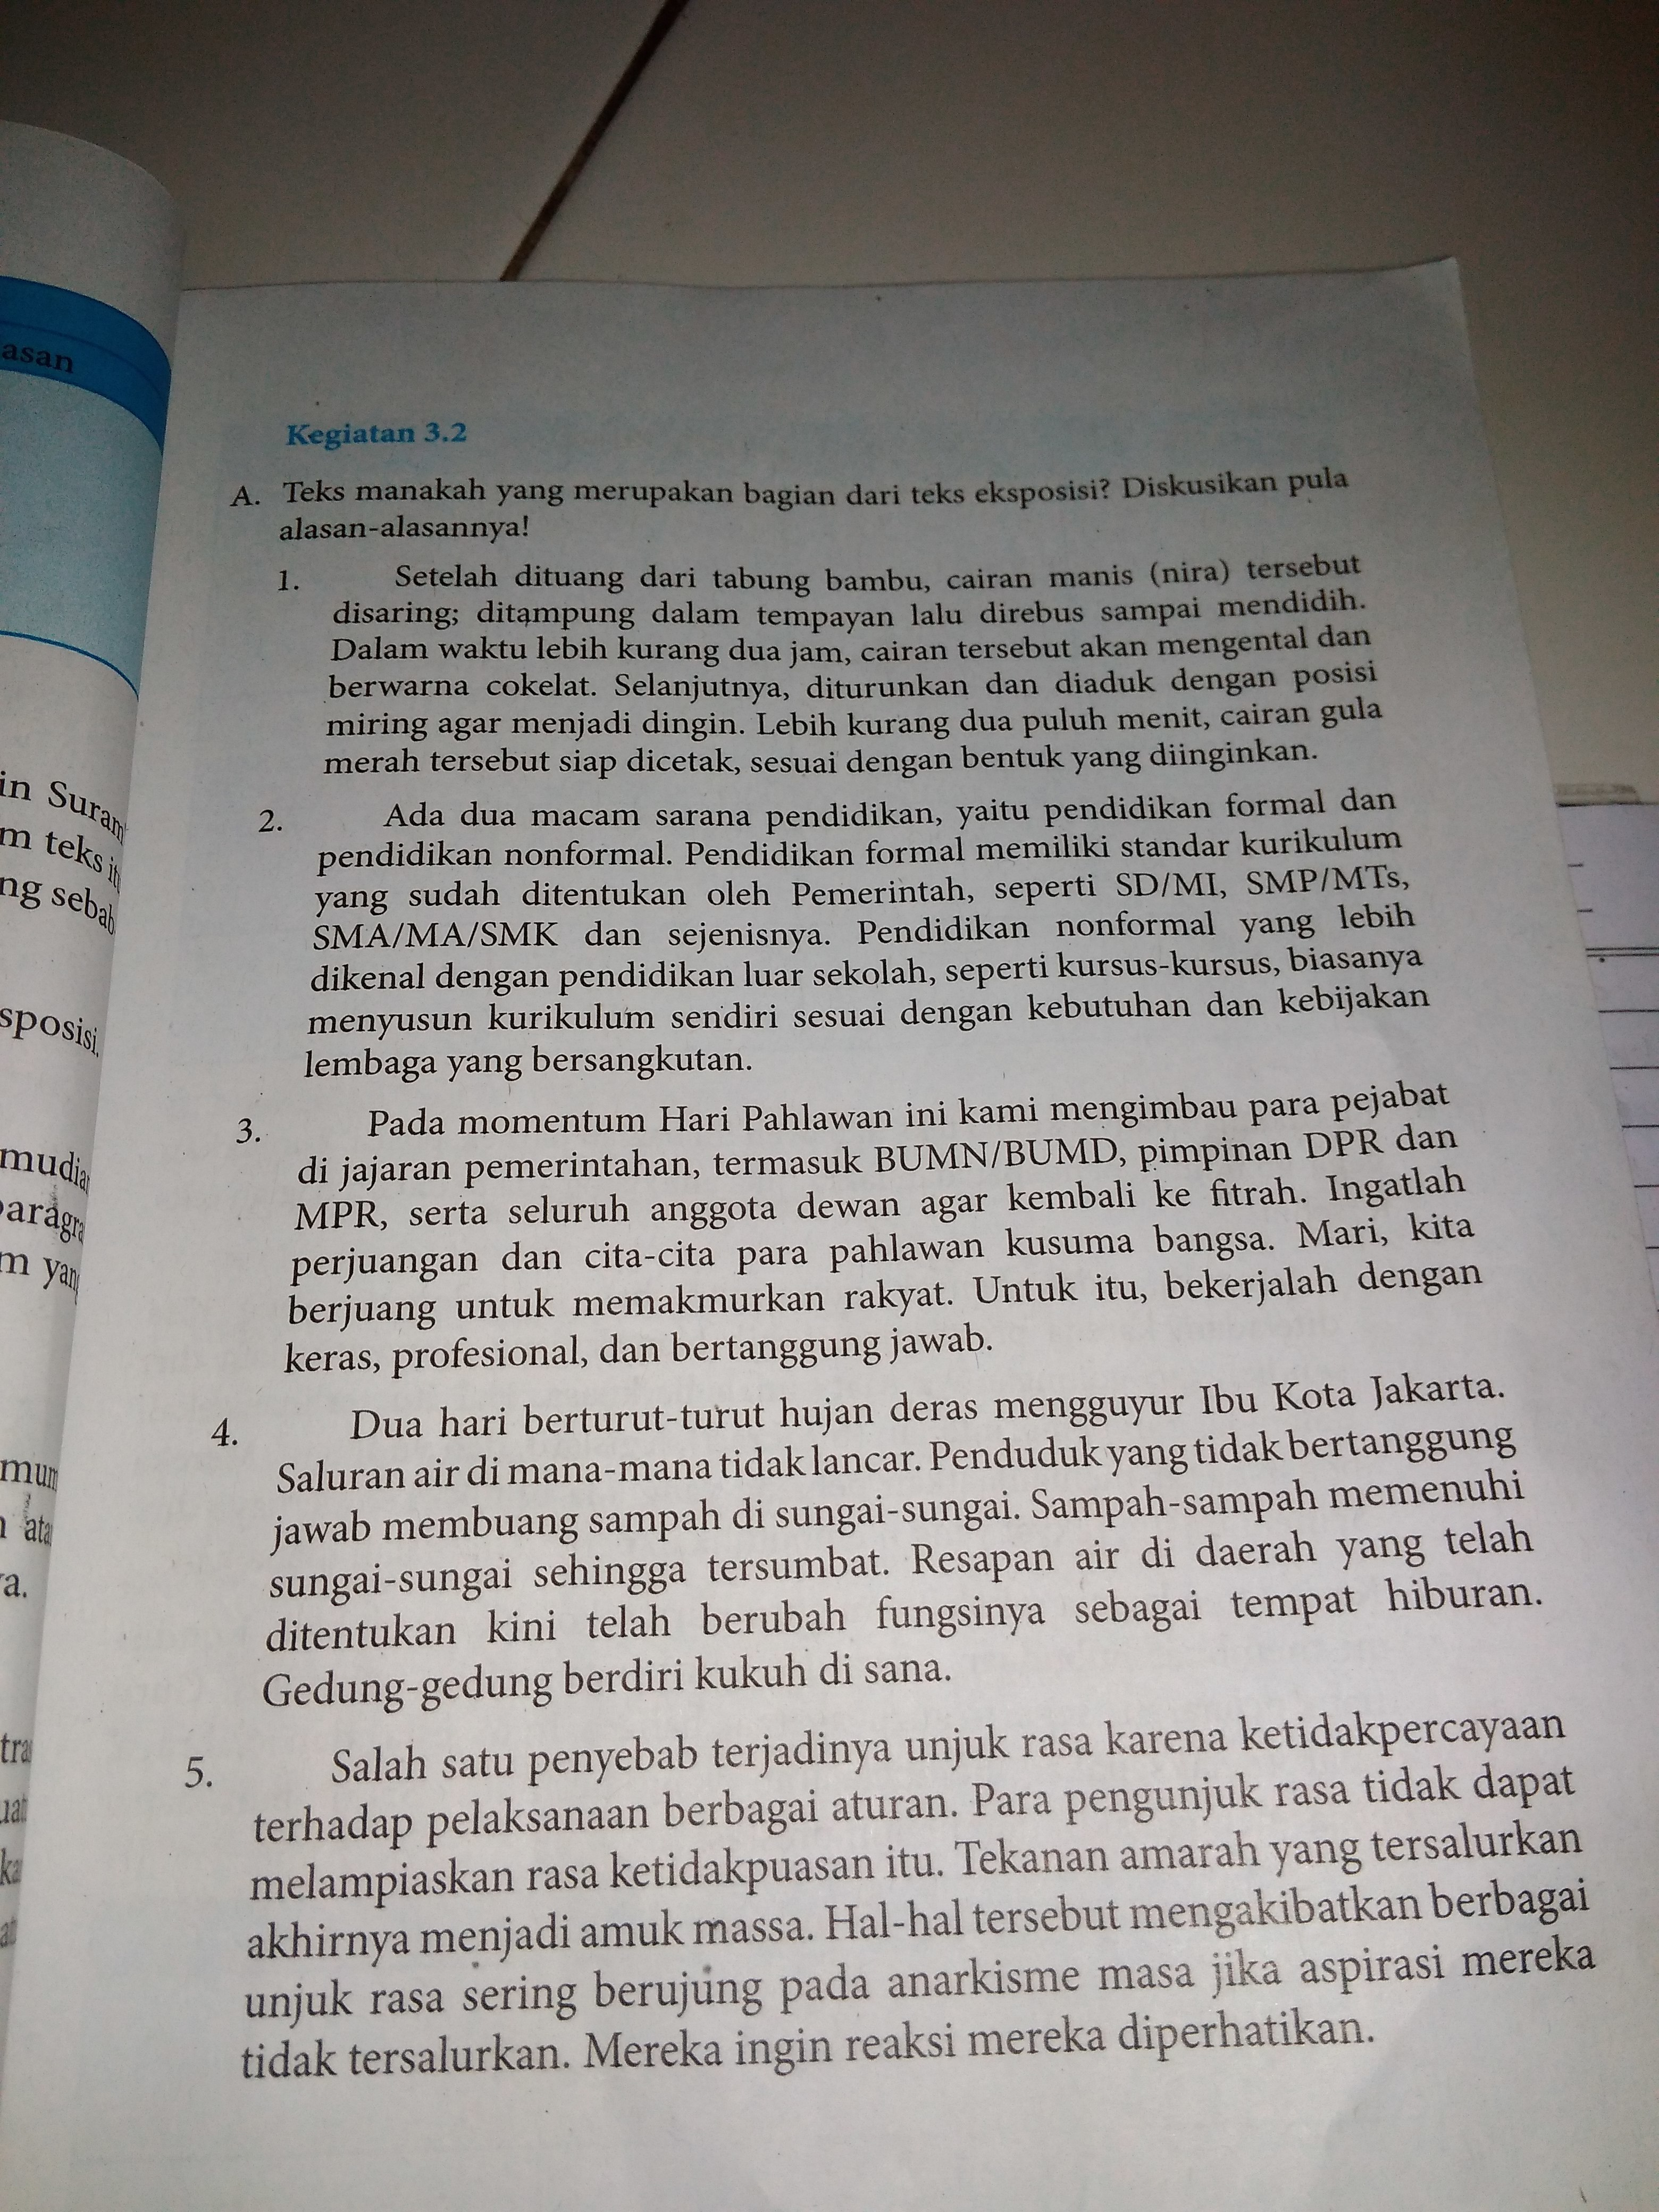 Kunci Jawaban Bahasa Indonesia Halaman 65 Guru Galeri